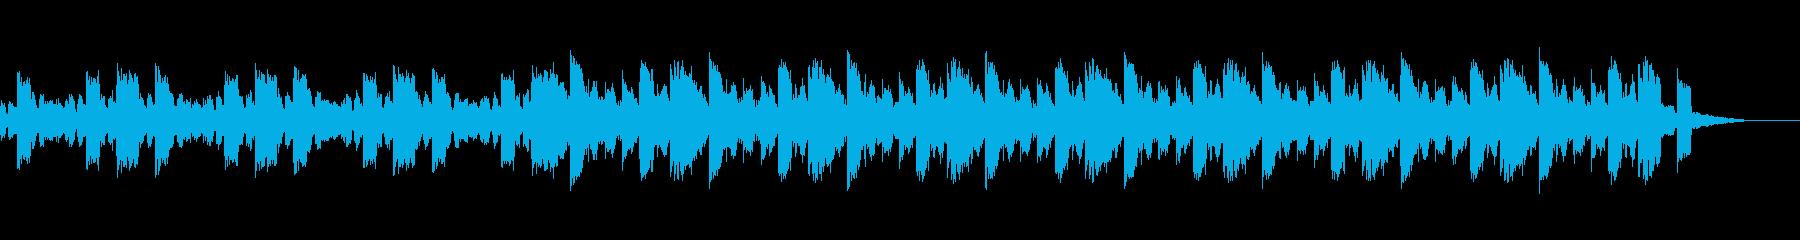 コーポレートテクスチャ―1の再生済みの波形